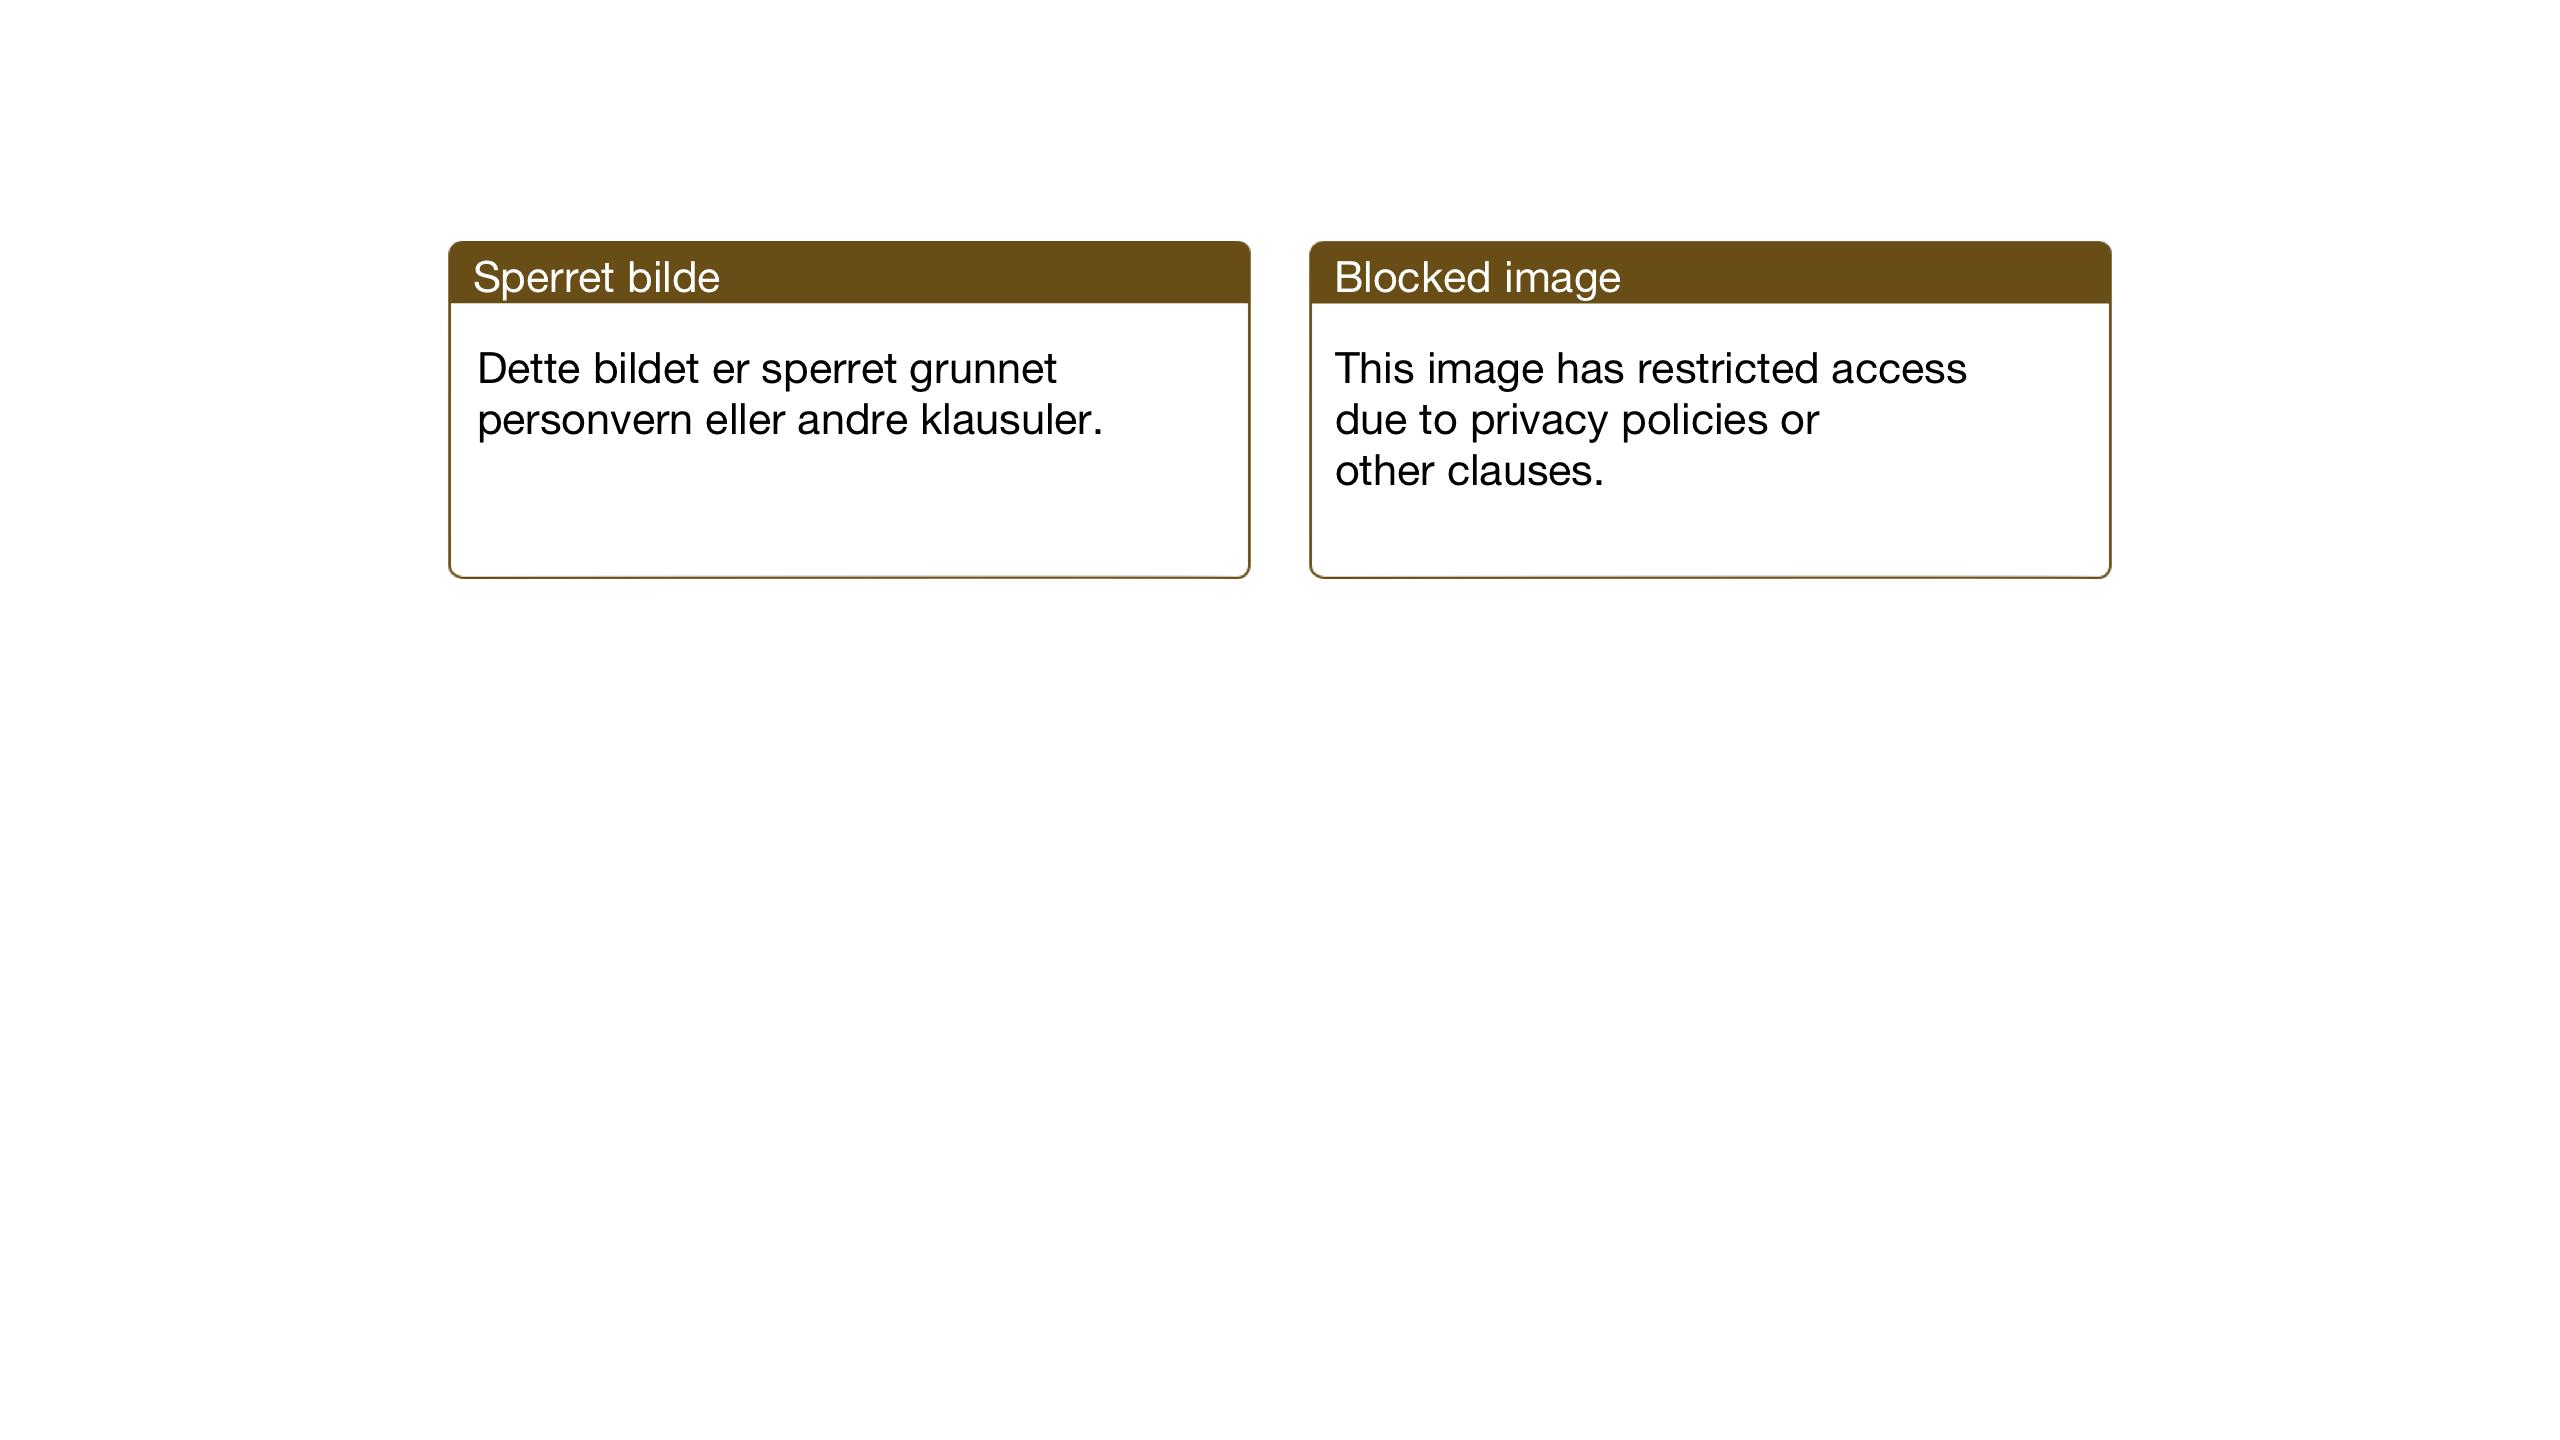 SAT, Ministerialprotokoller, klokkerbøker og fødselsregistre - Sør-Trøndelag, 637/L0563: Klokkerbok nr. 637C04, 1899-1940, s. 79